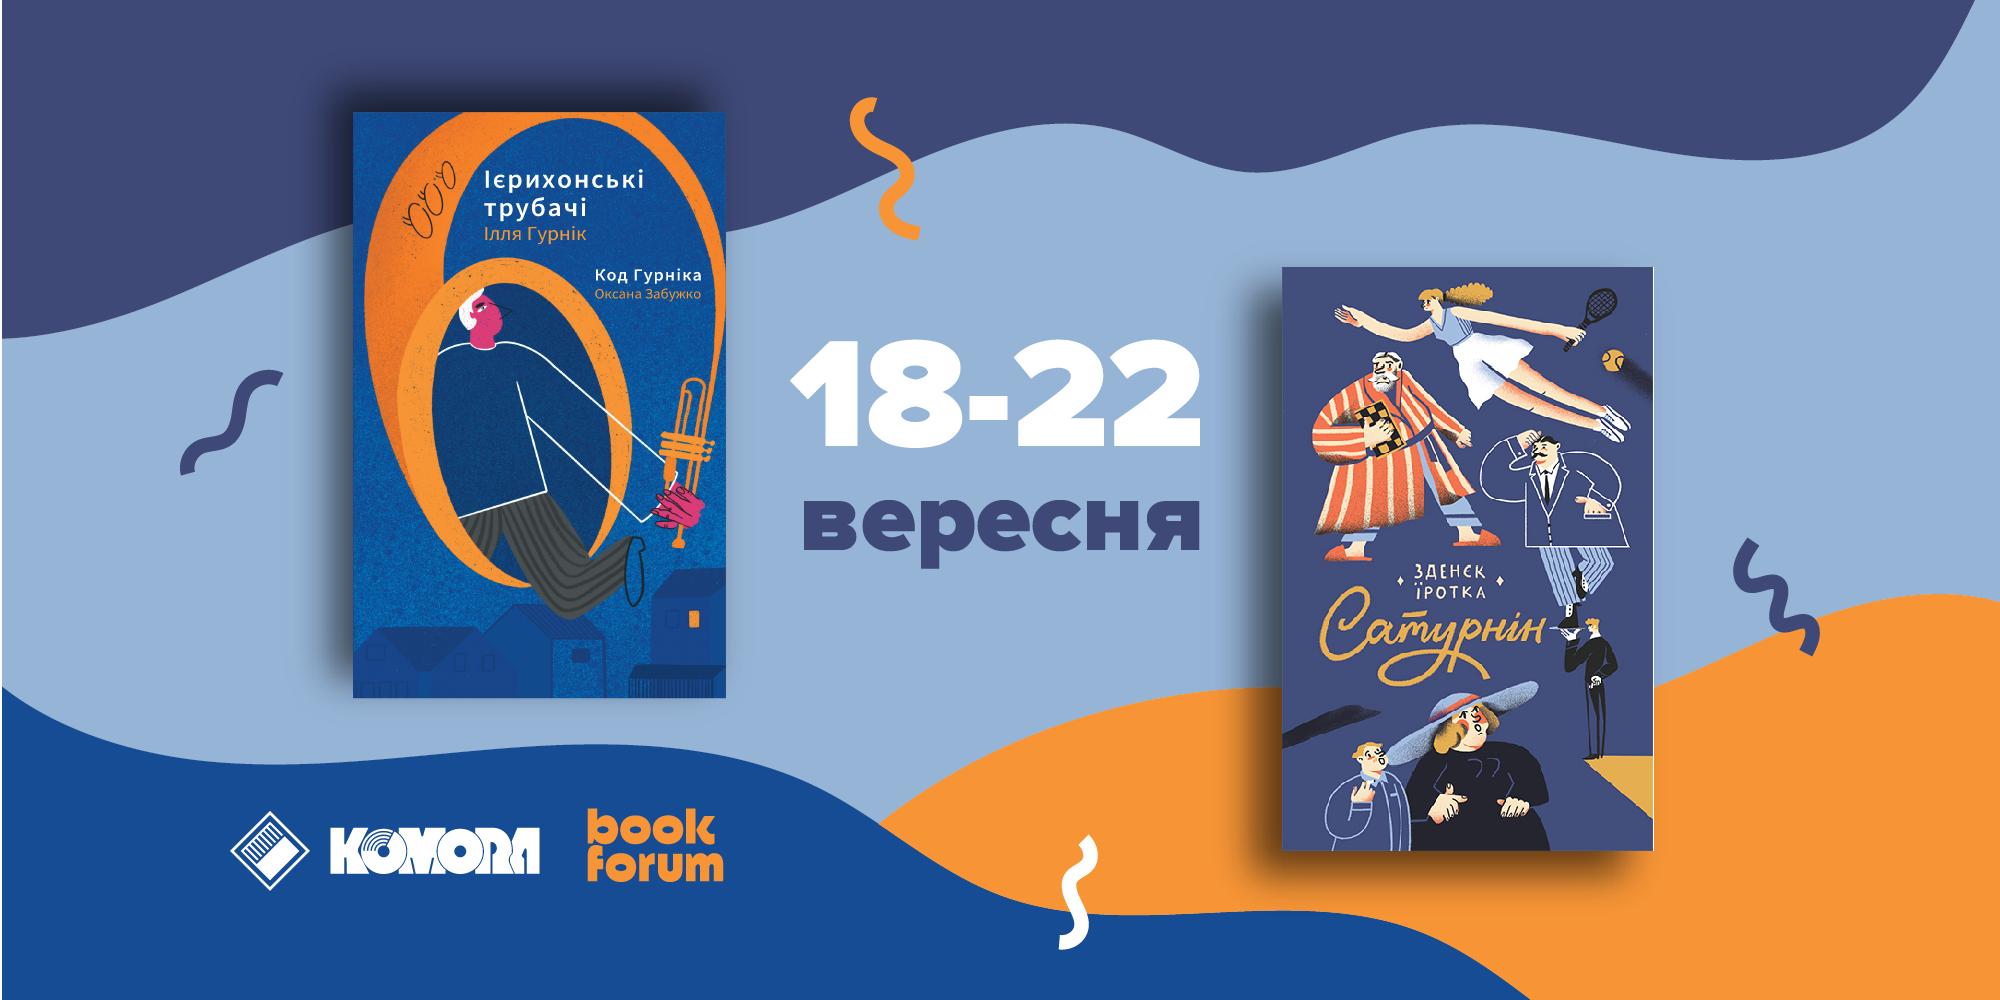 «Комора» на 26 Book Forum